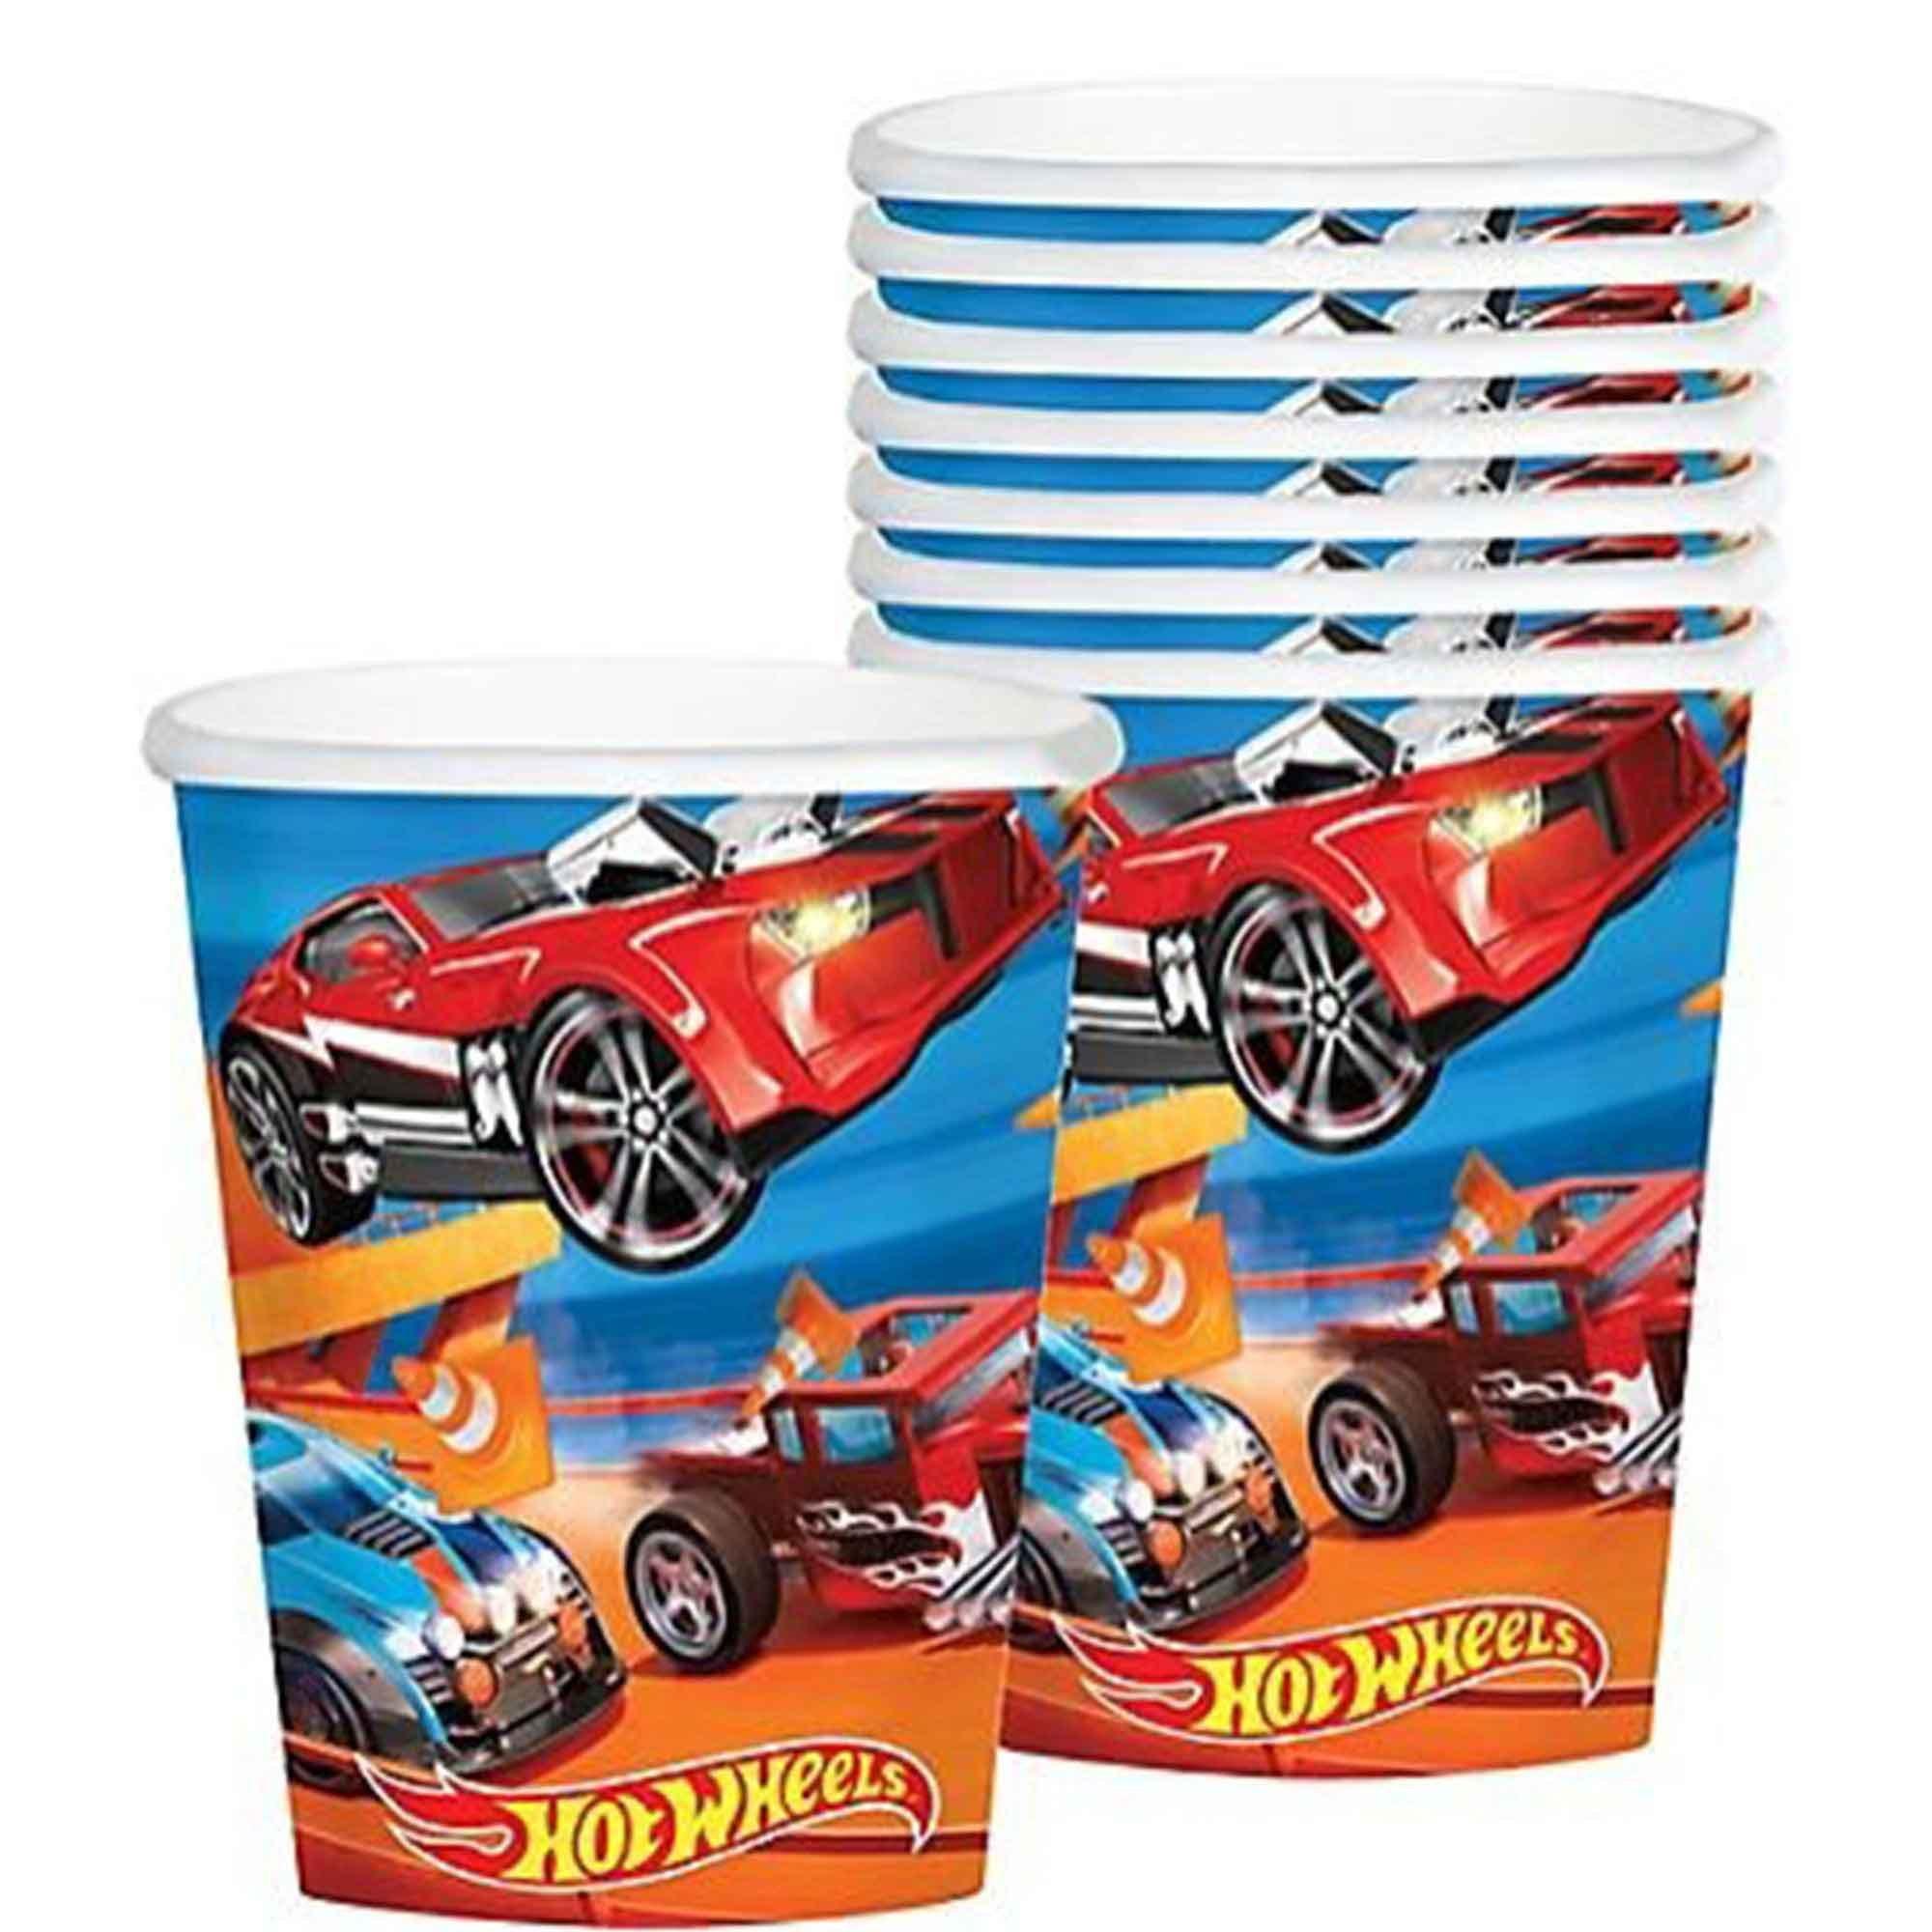 Hot Wheels Wild Racer 266ml Cups